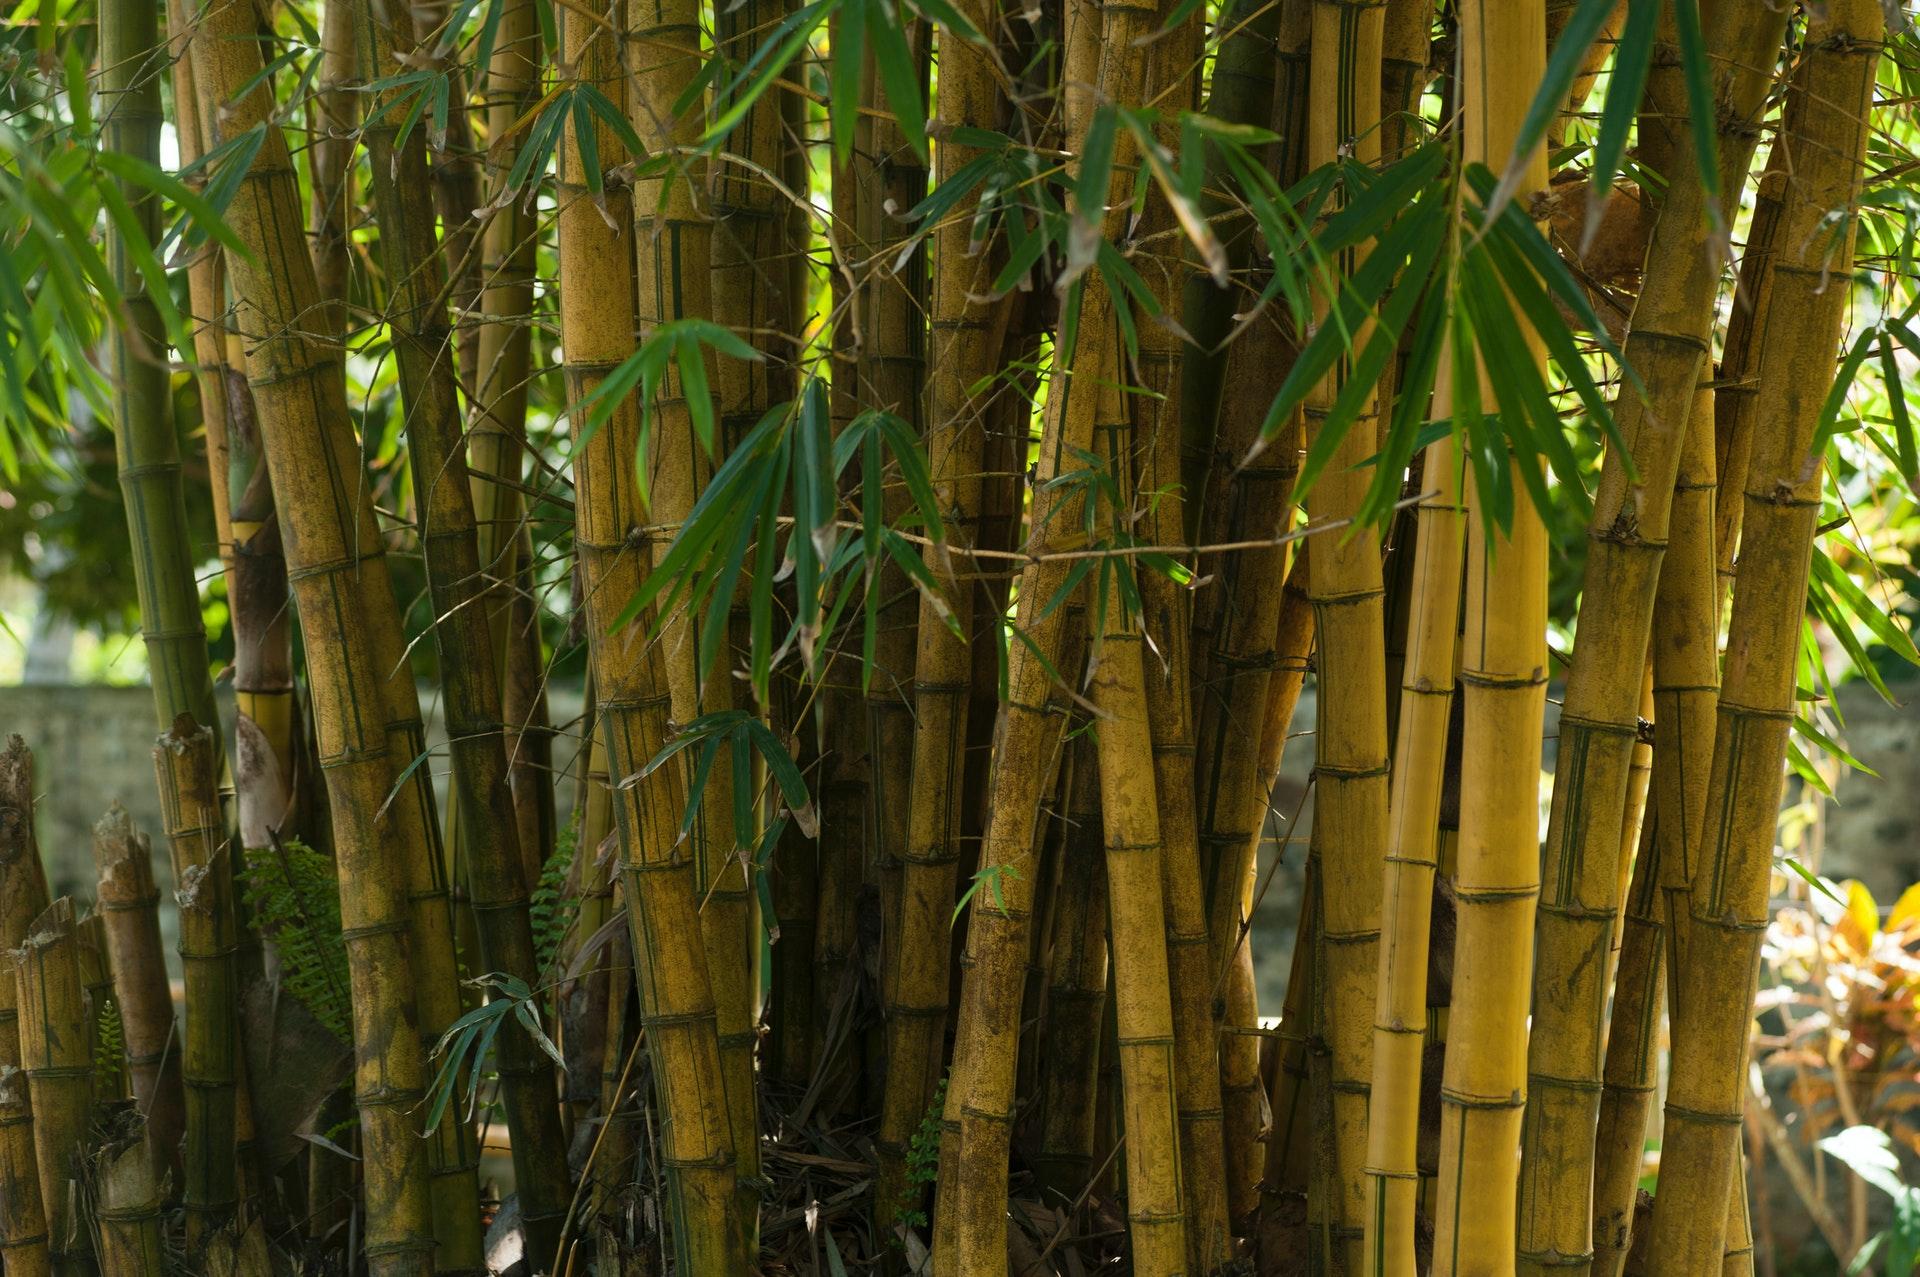 voordelen bamboe stoffen